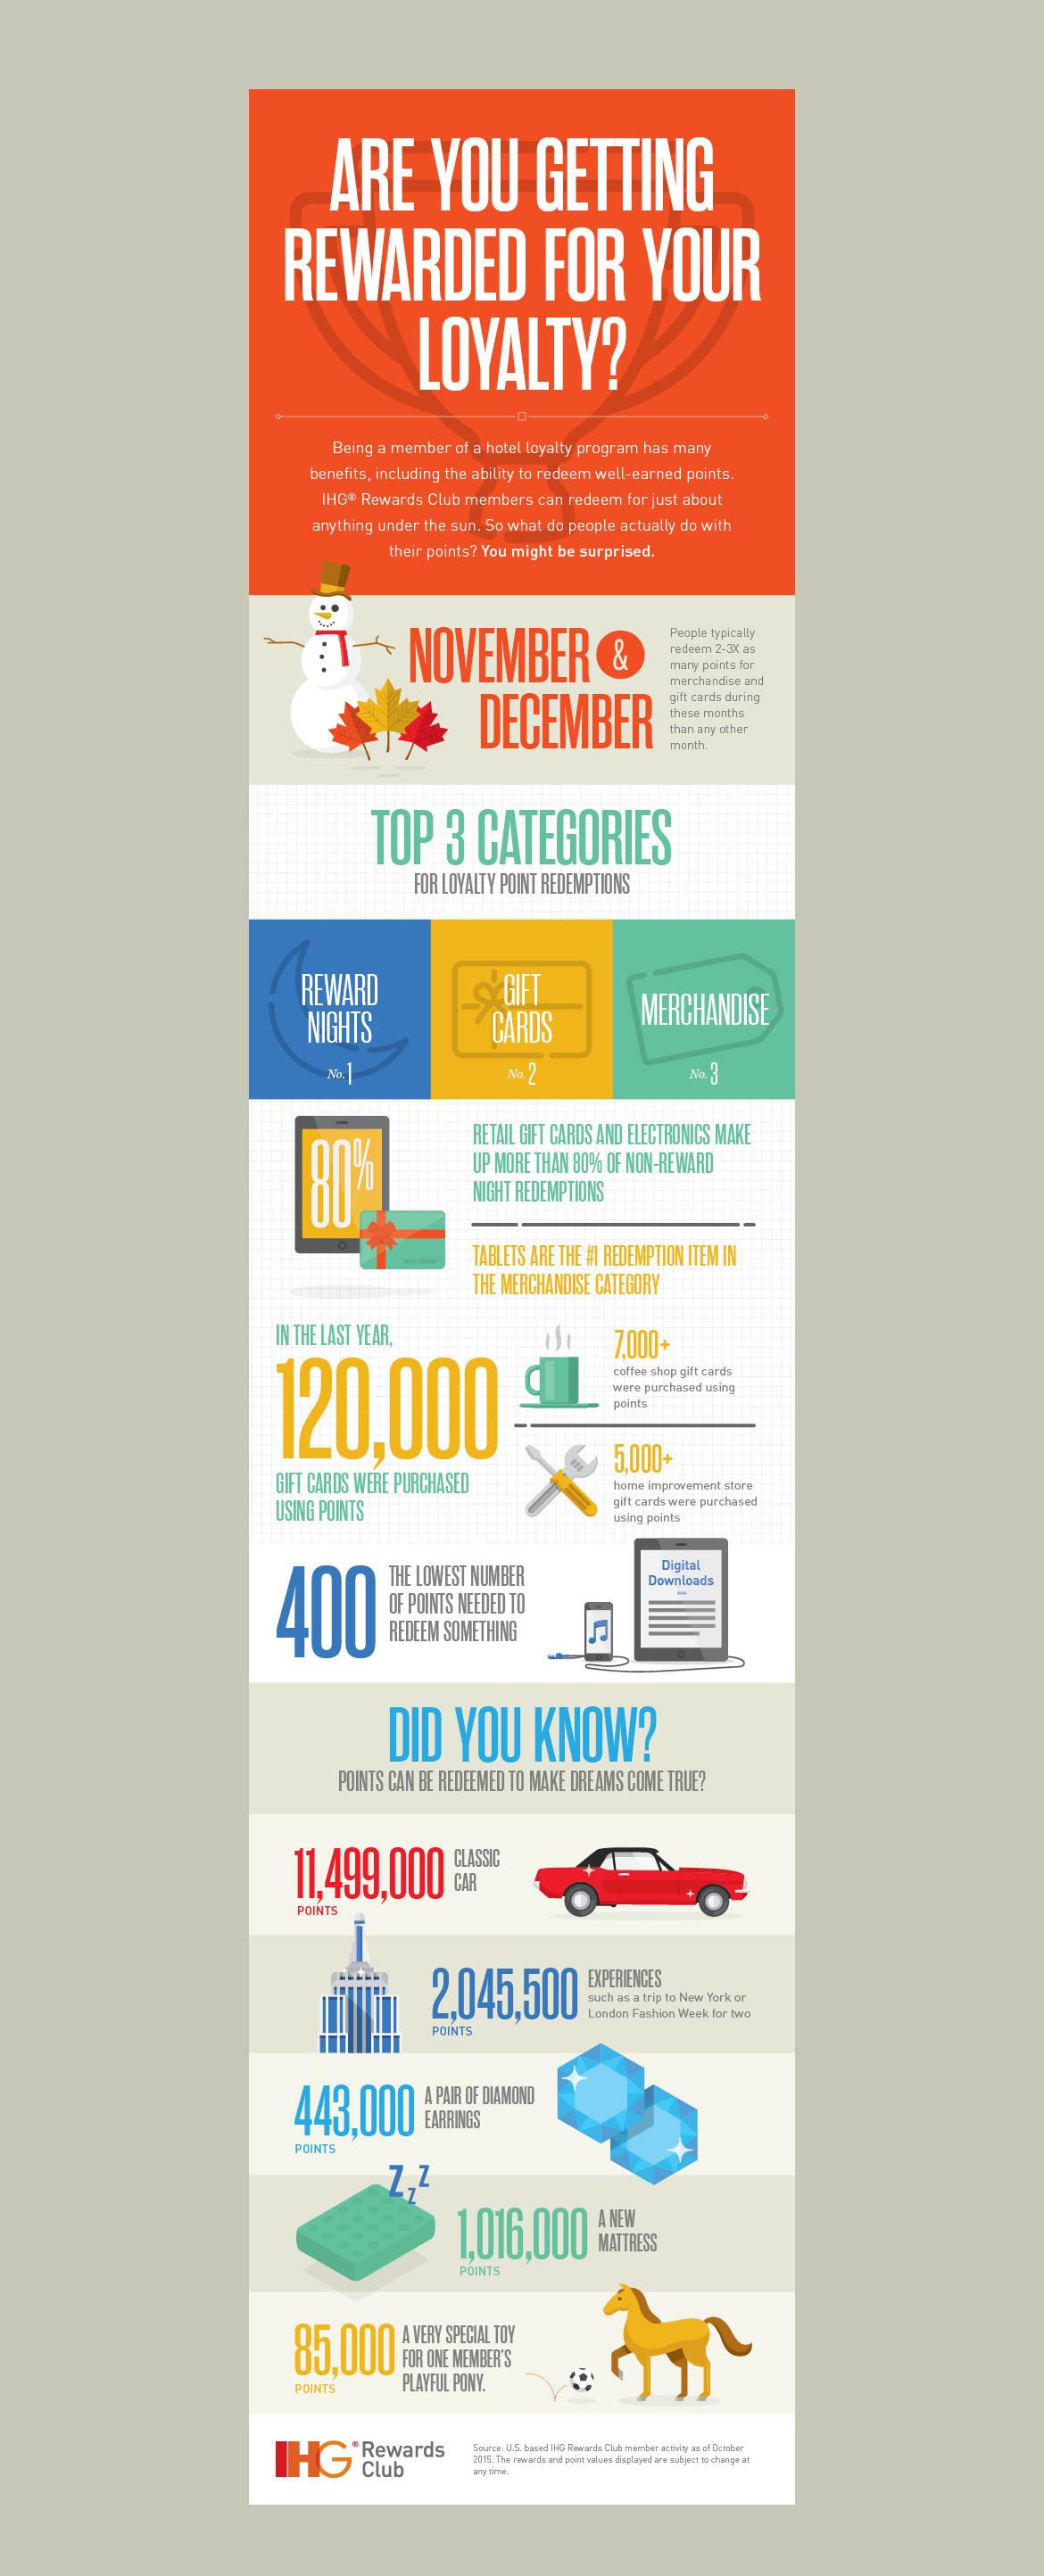 ihg_infographic